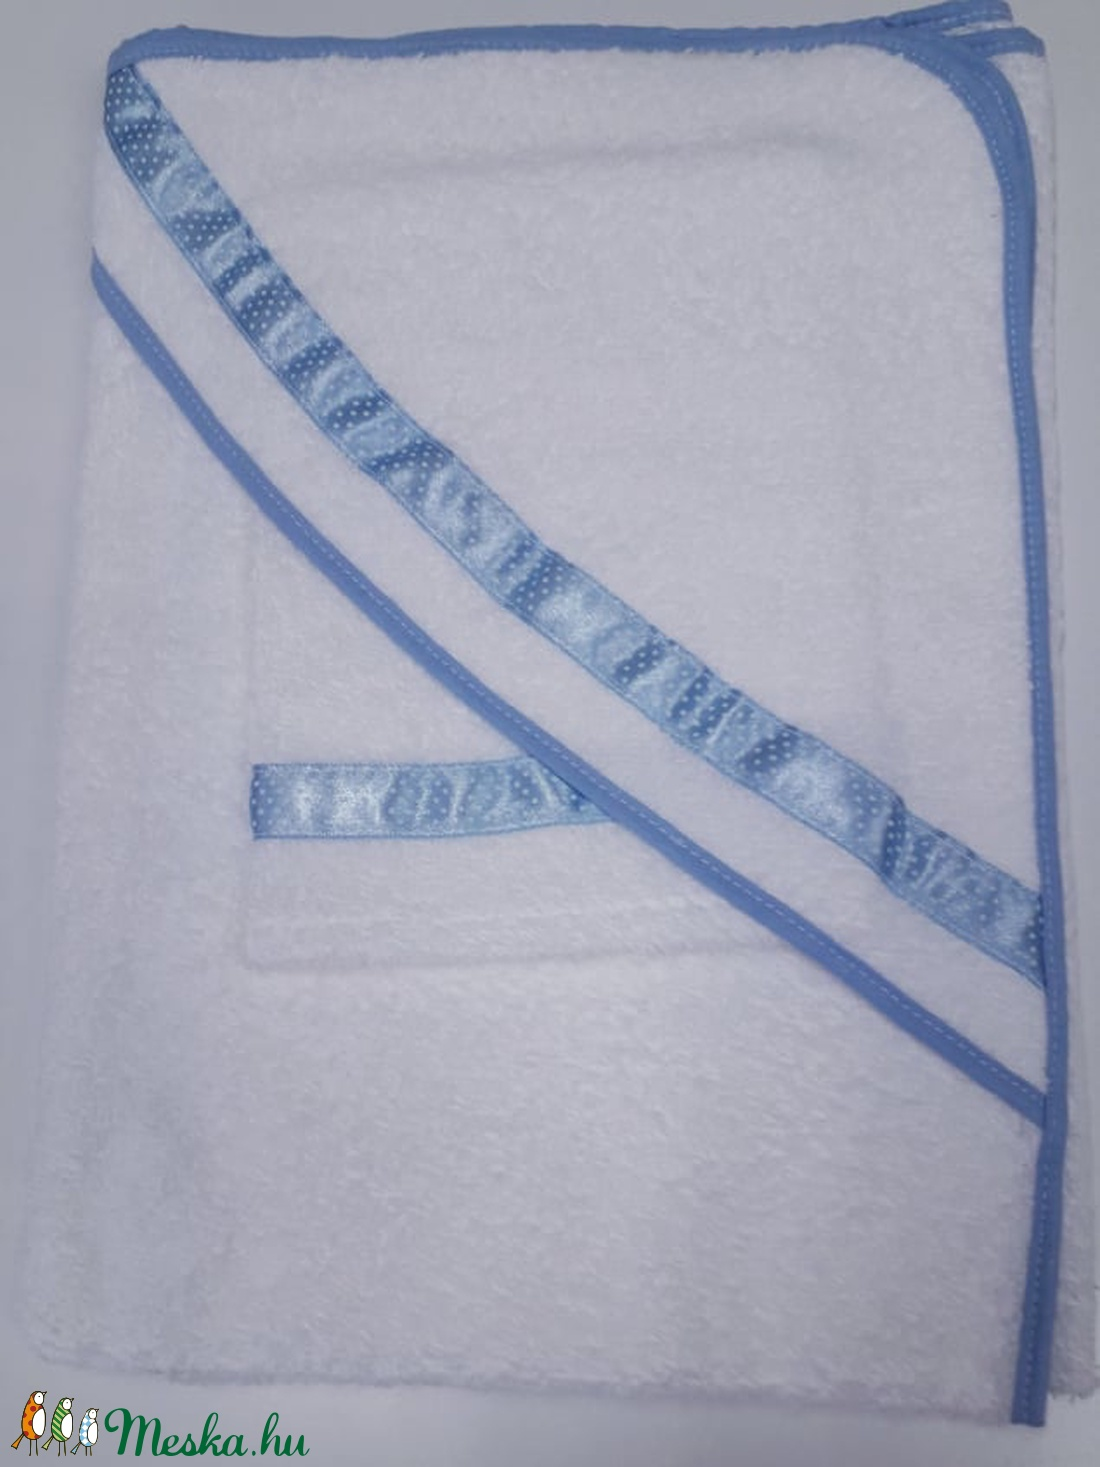 Kapucnis fürdőlepedő+kesztyű, fehér flottir - kék szegéllyel - 80 x 80 cm  - otthon & lakás - fürdőszoba - törölköző - Meska.hu